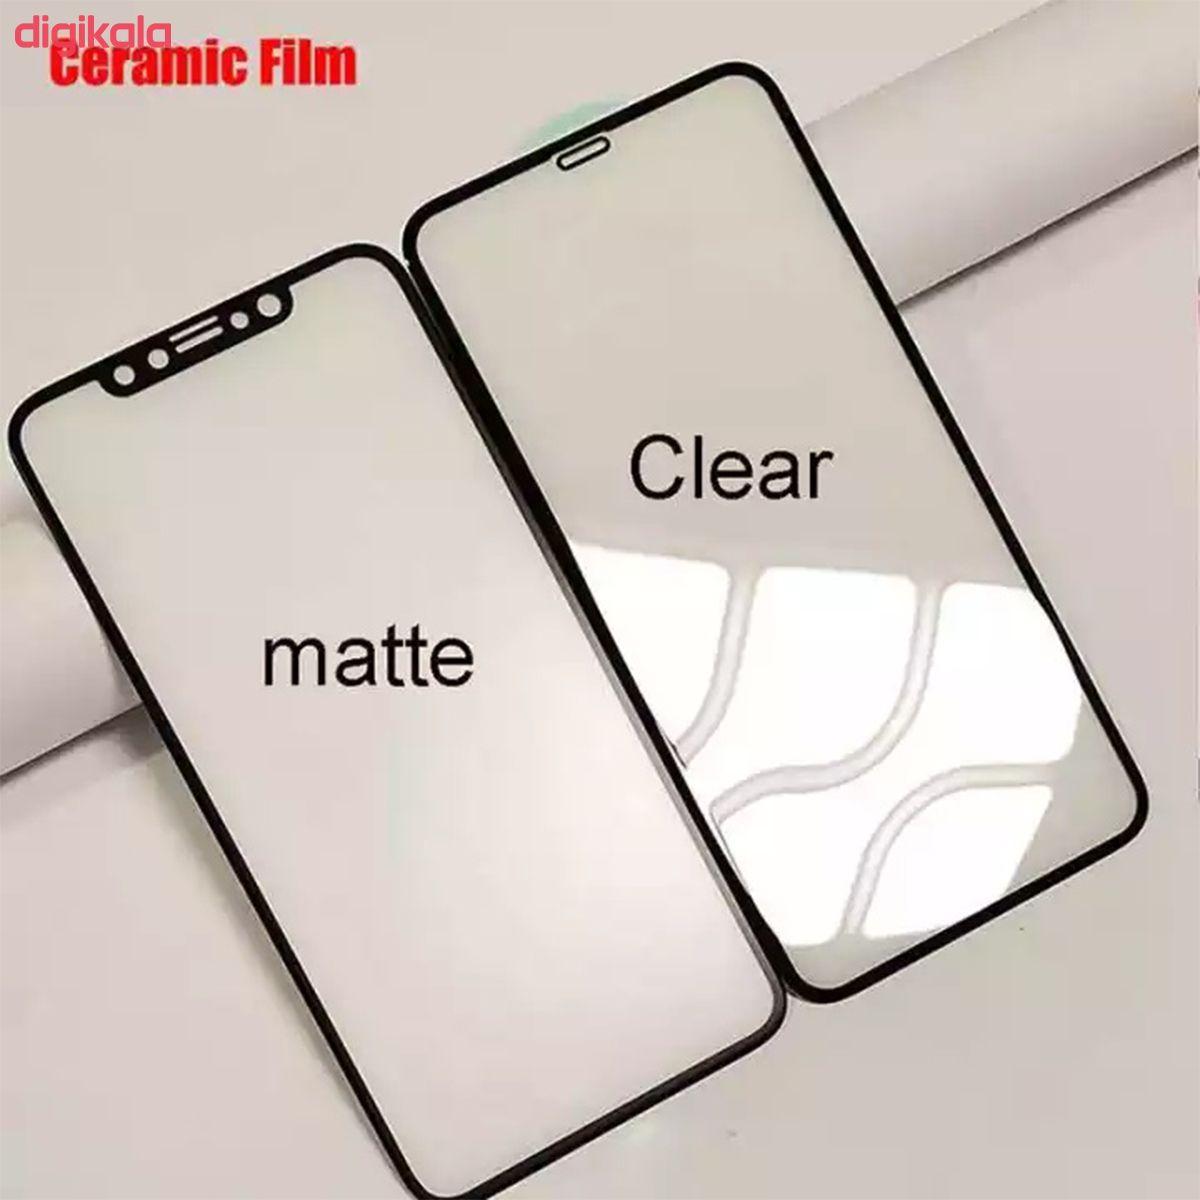 محافظ صفحه نمایش سرامیکی مدل CRM_CLR مناسب برای گوشی موبایل اپل iPhone 12 Pro Max main 1 5